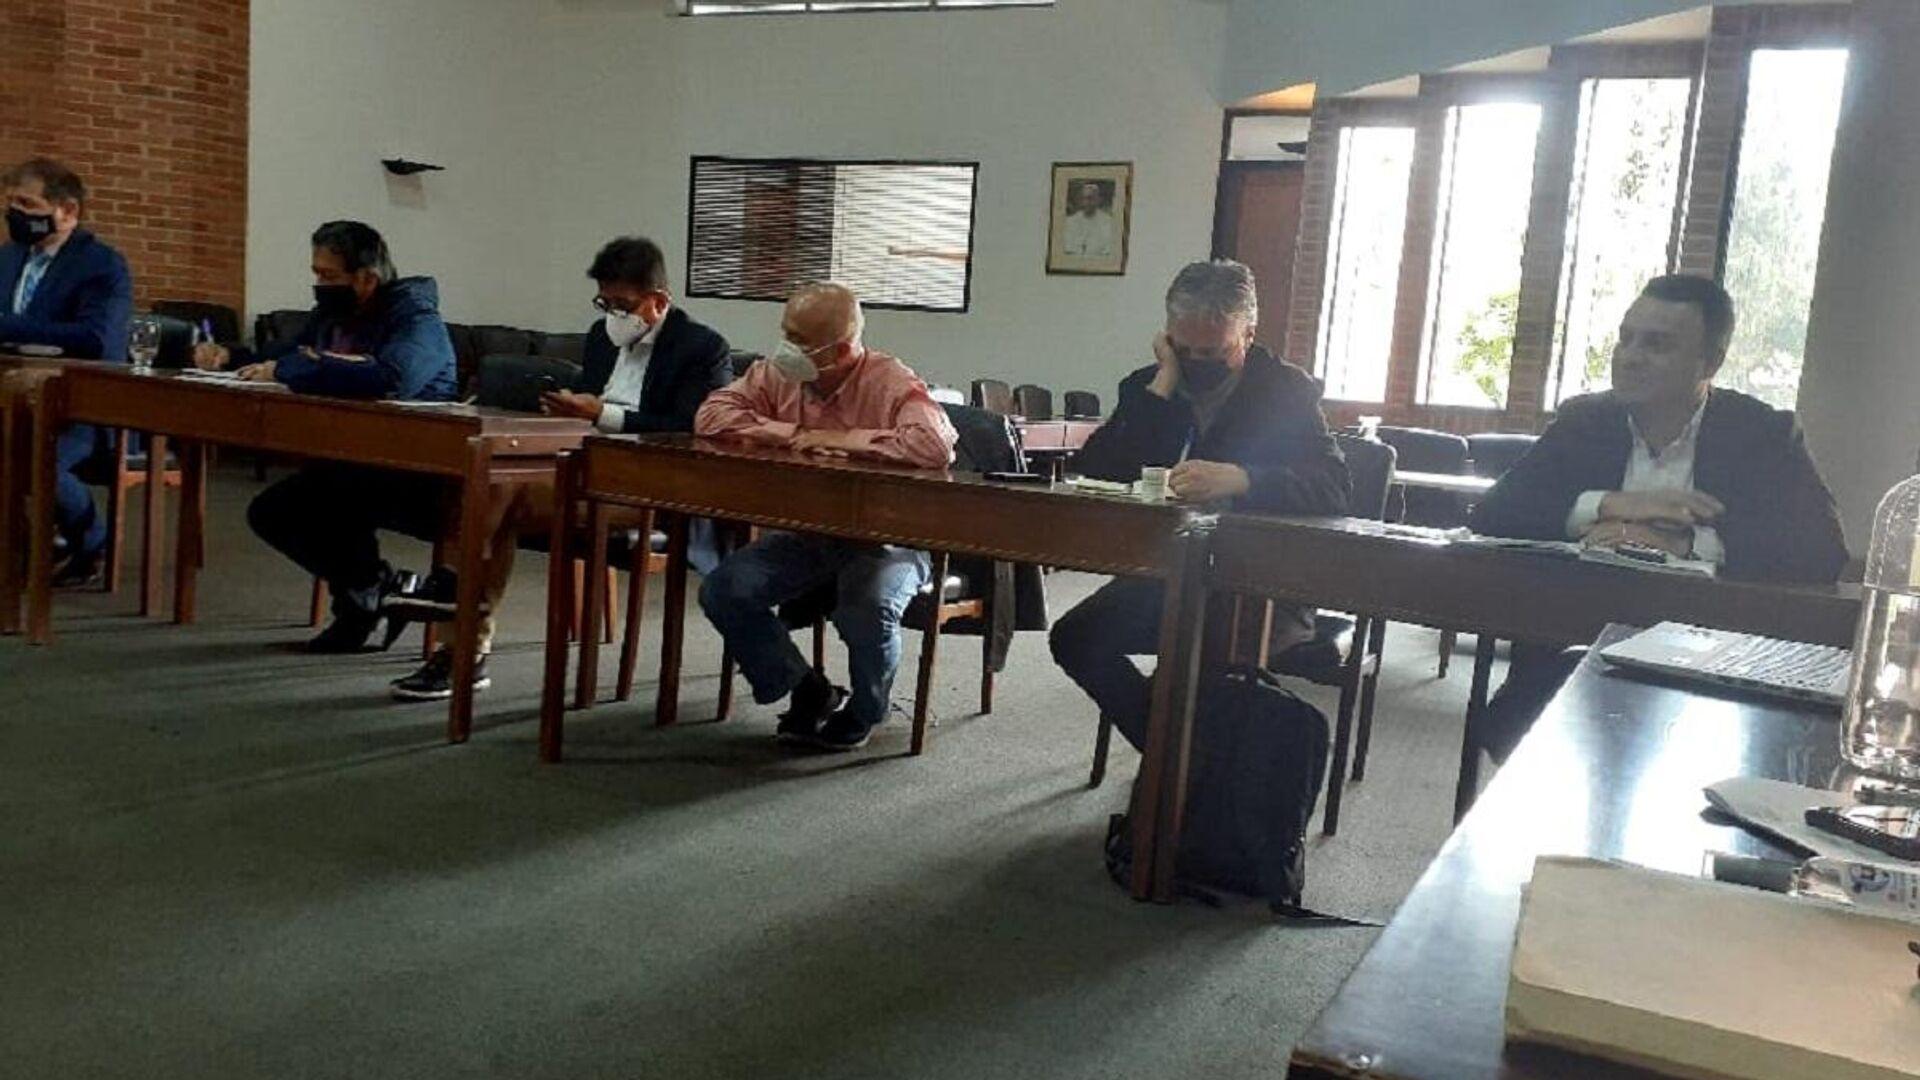 Representantes del Comité Nacional del Paro colombiano y los mediadores de la Iglesia y ONU se reúnen en Bogotá y analizan los pasos a seguir en las protestas que este martes cumplen 21 días - Sputnik Mundo, 1920, 18.05.2021